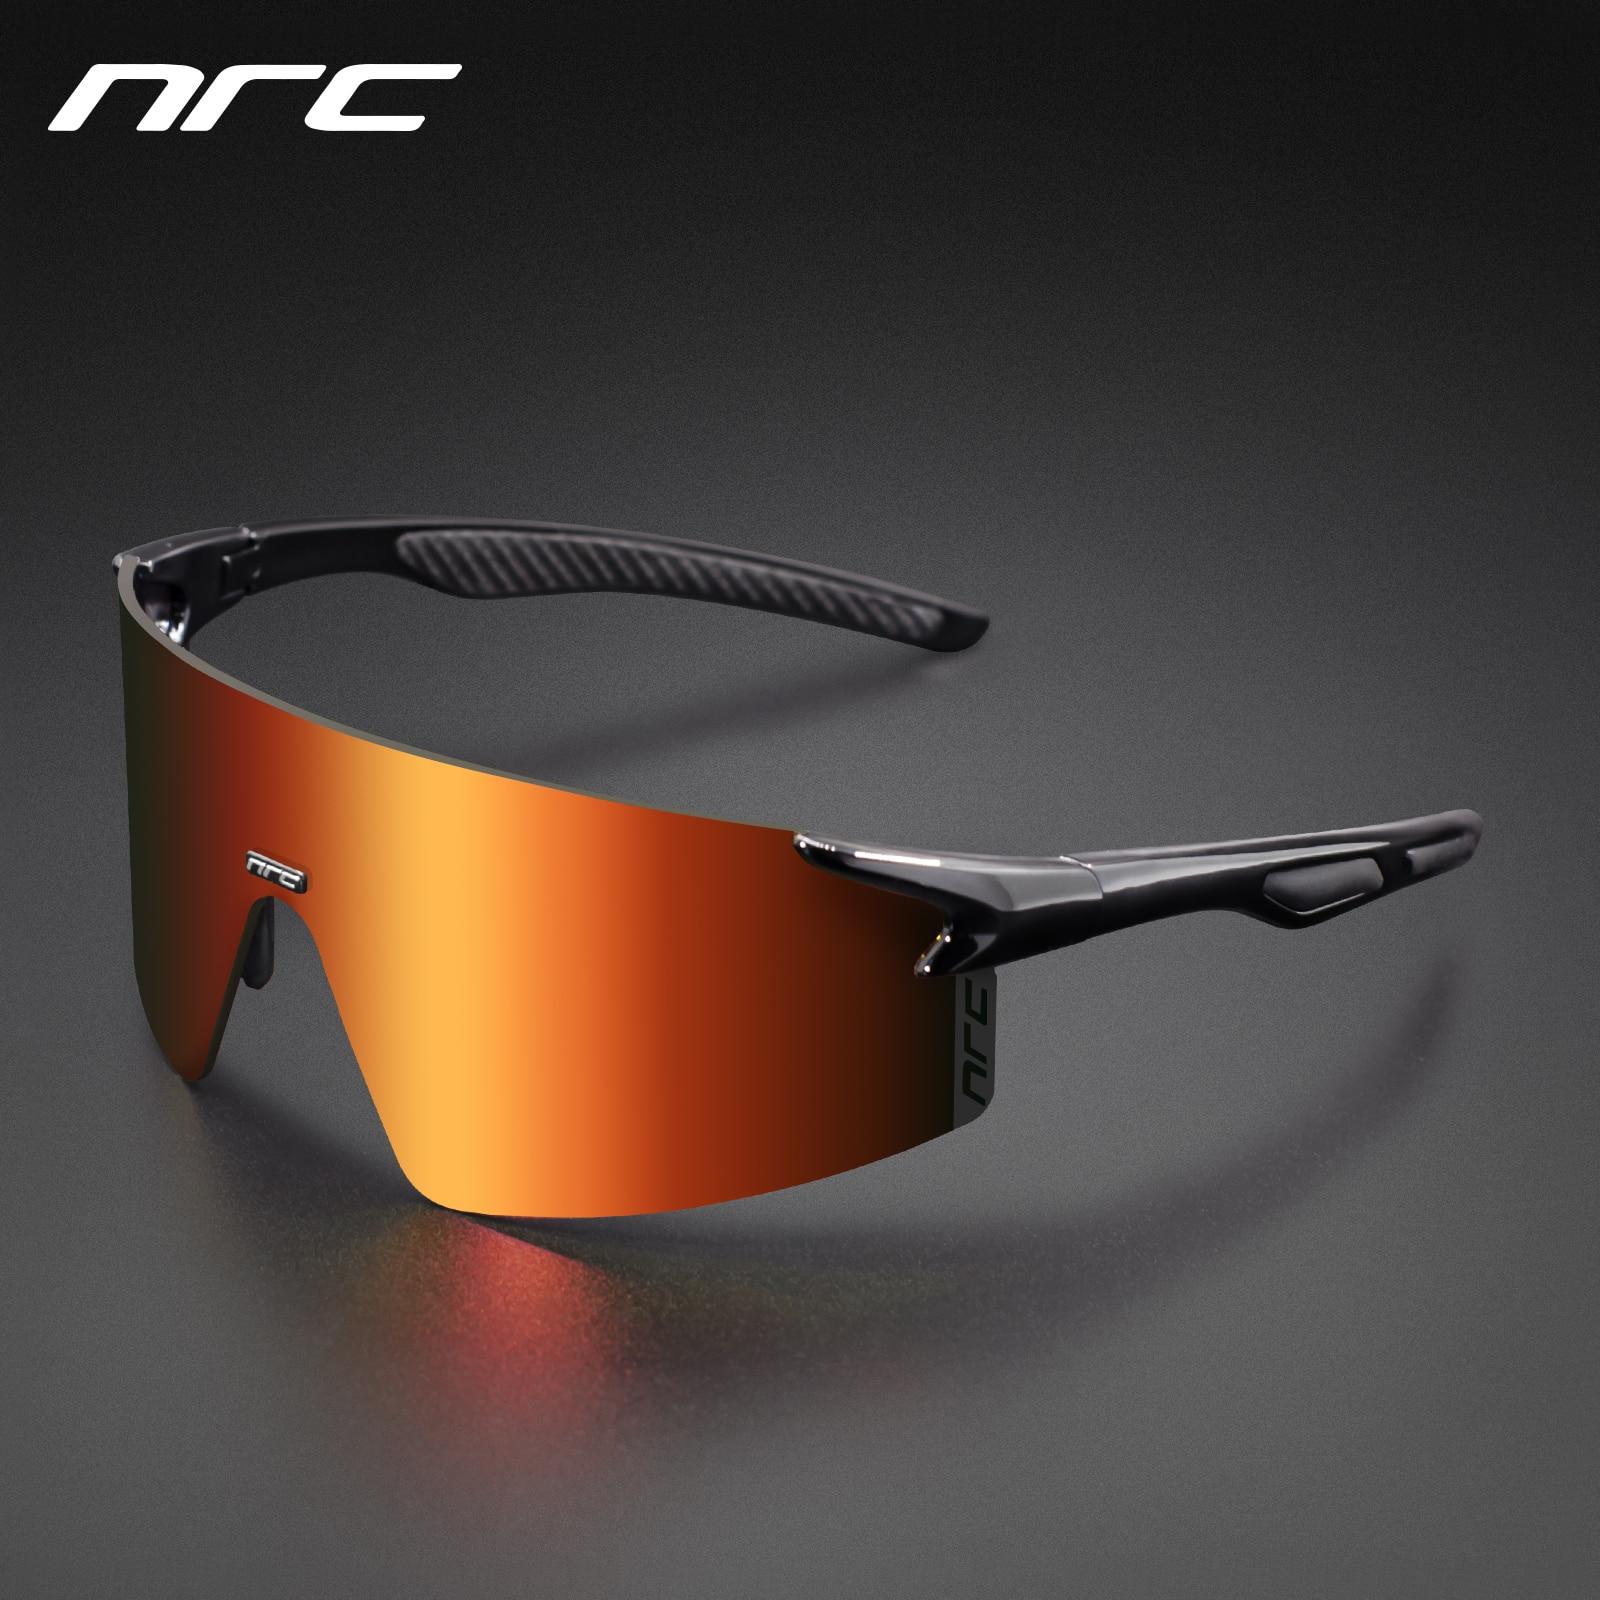 NRC 3 Lens UV400 Cycling Sunglasses TR90 Sports Bicycle Glasses MTB Mountain Bike Fishing Hiking Rid